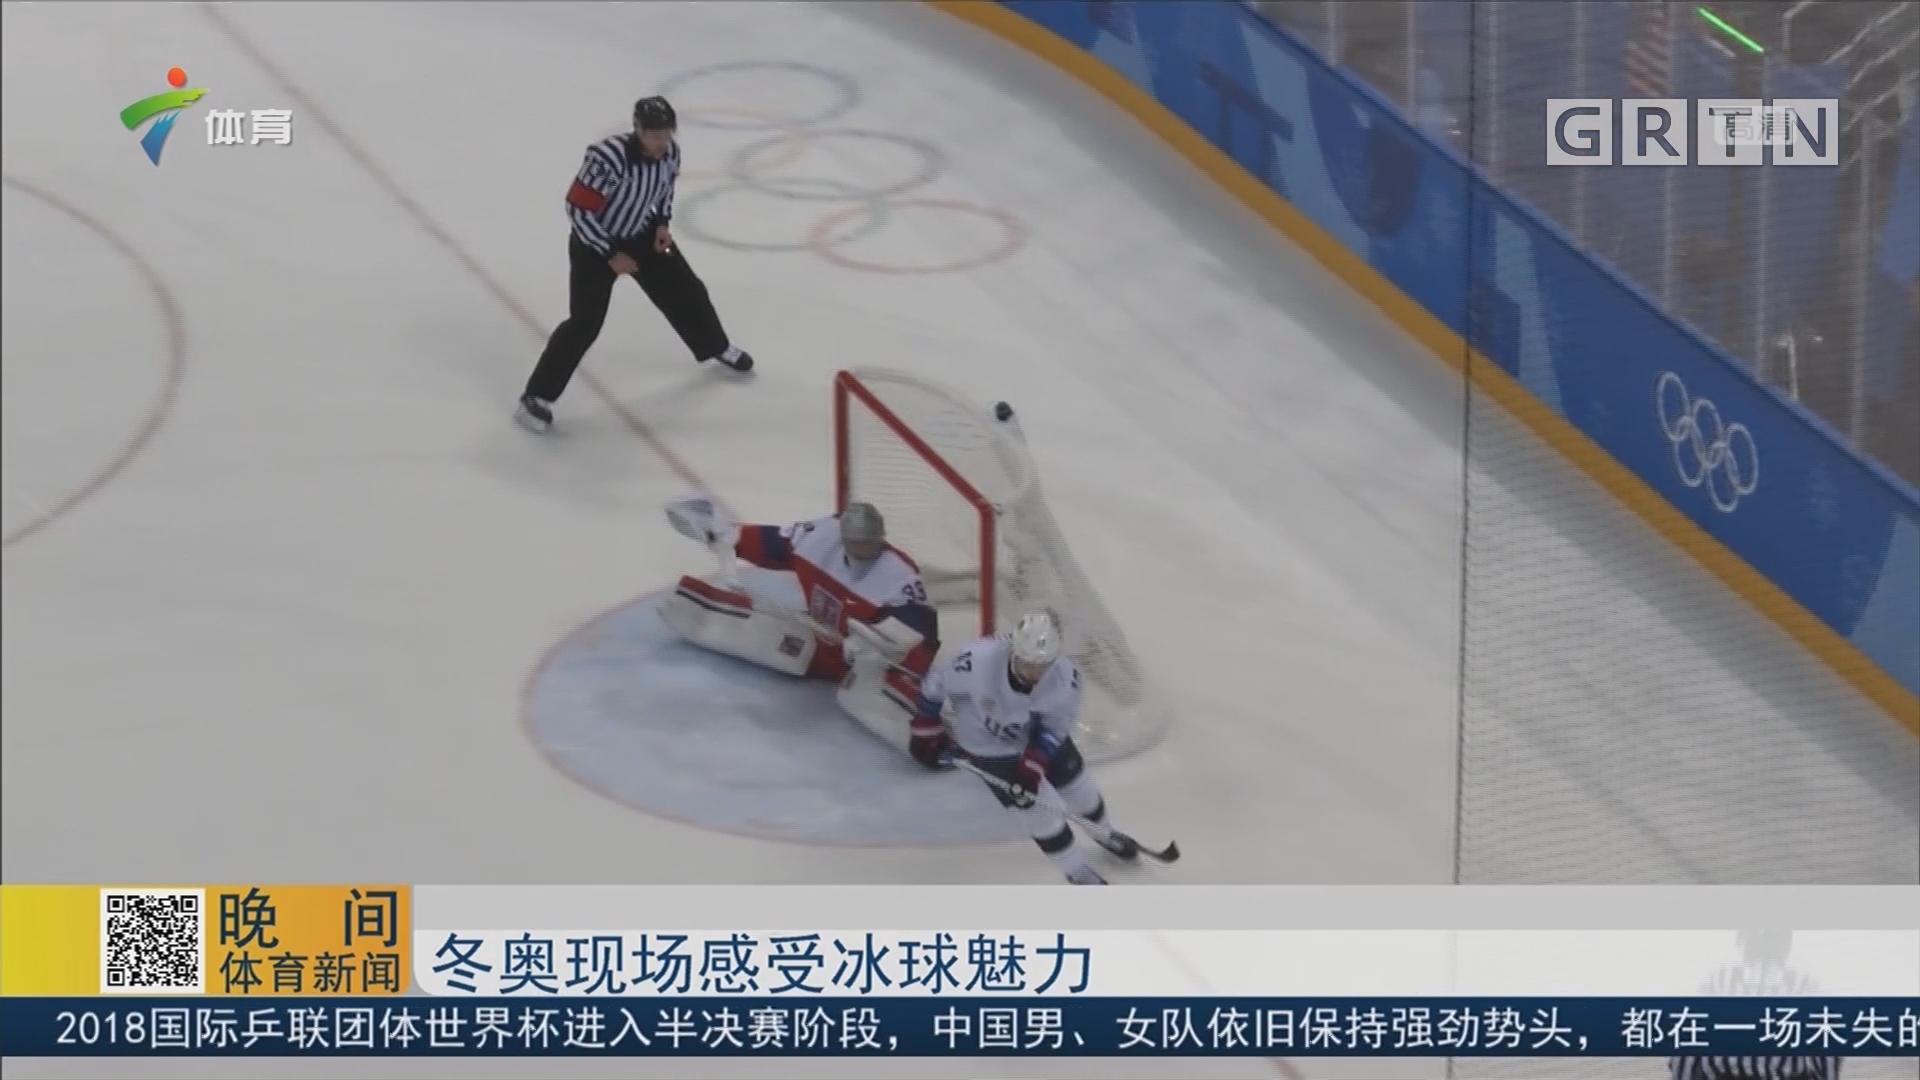 冬奥现场感受冰球魅力